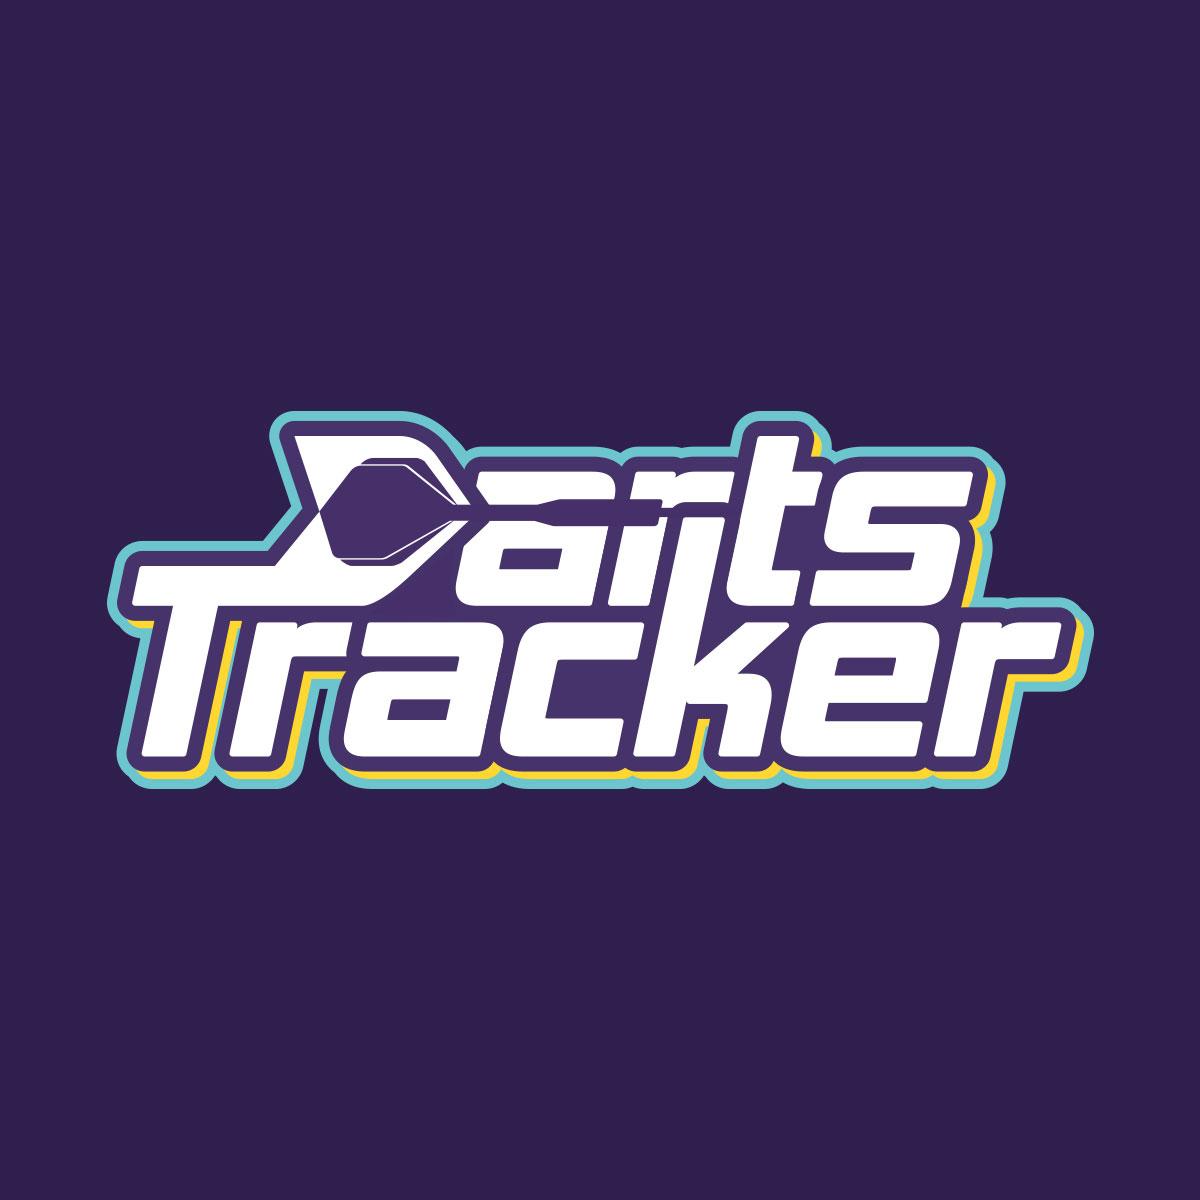 Darts Tracker custom vector logo